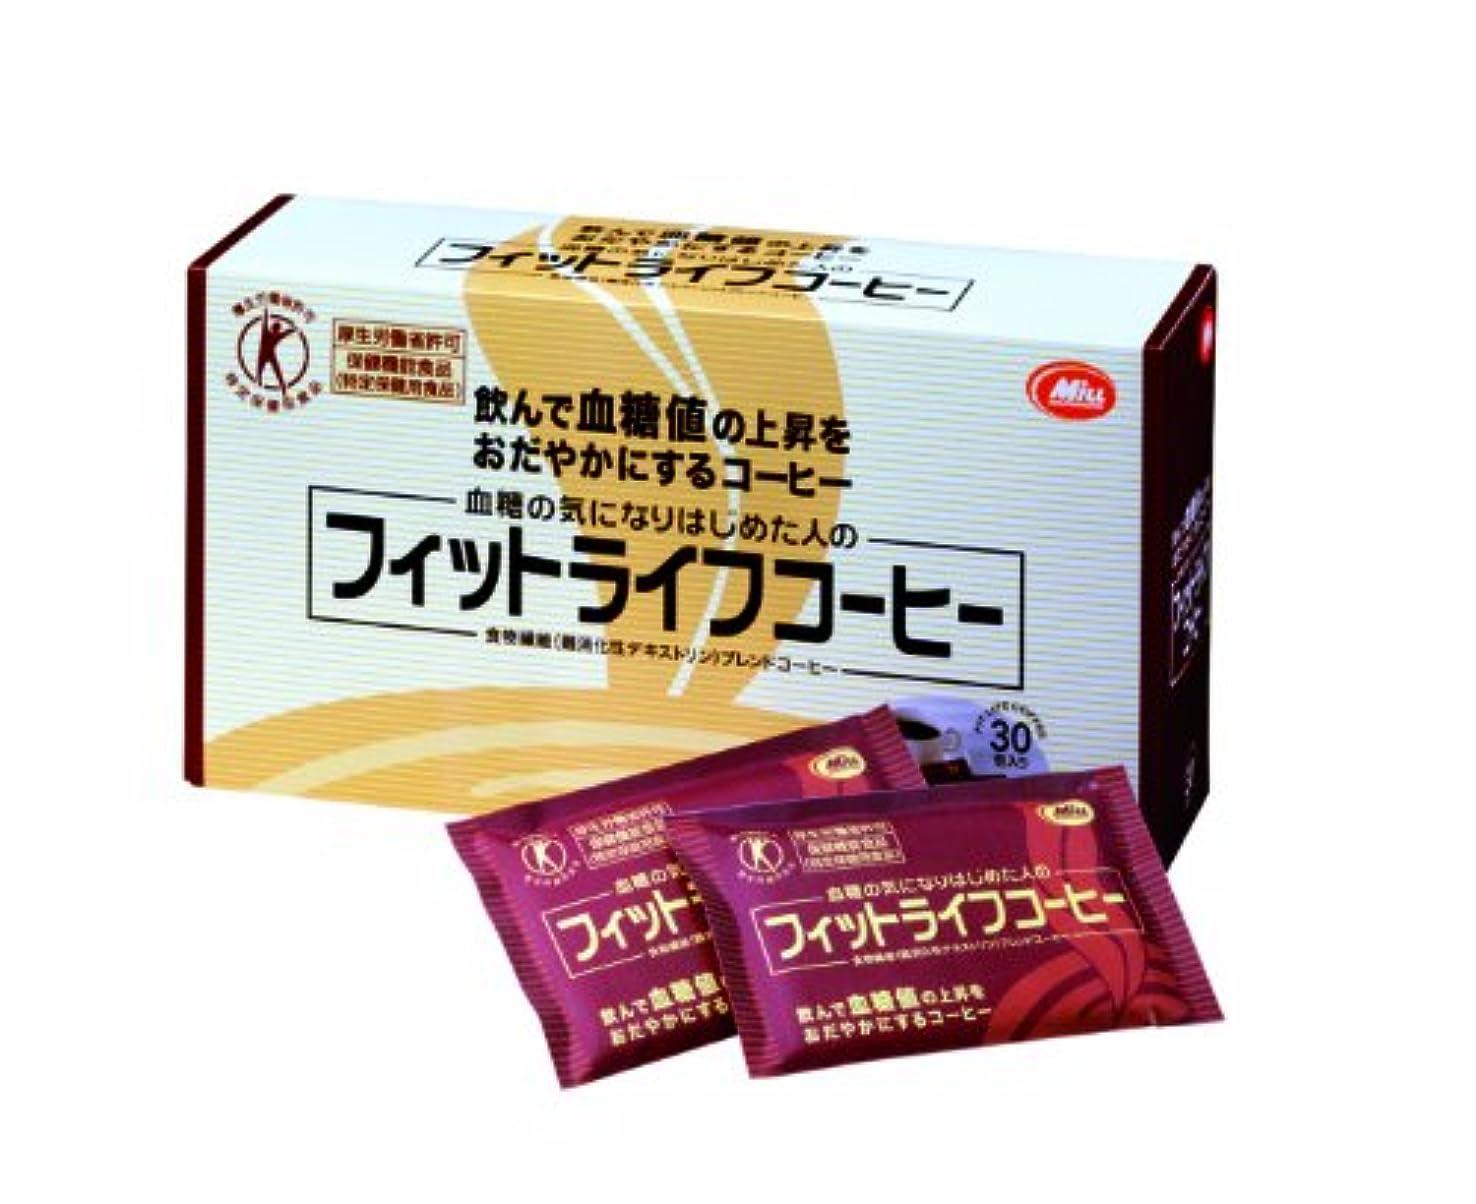 裂け目送信する検索エンジンマーケティングフィットライフコーヒー 30包